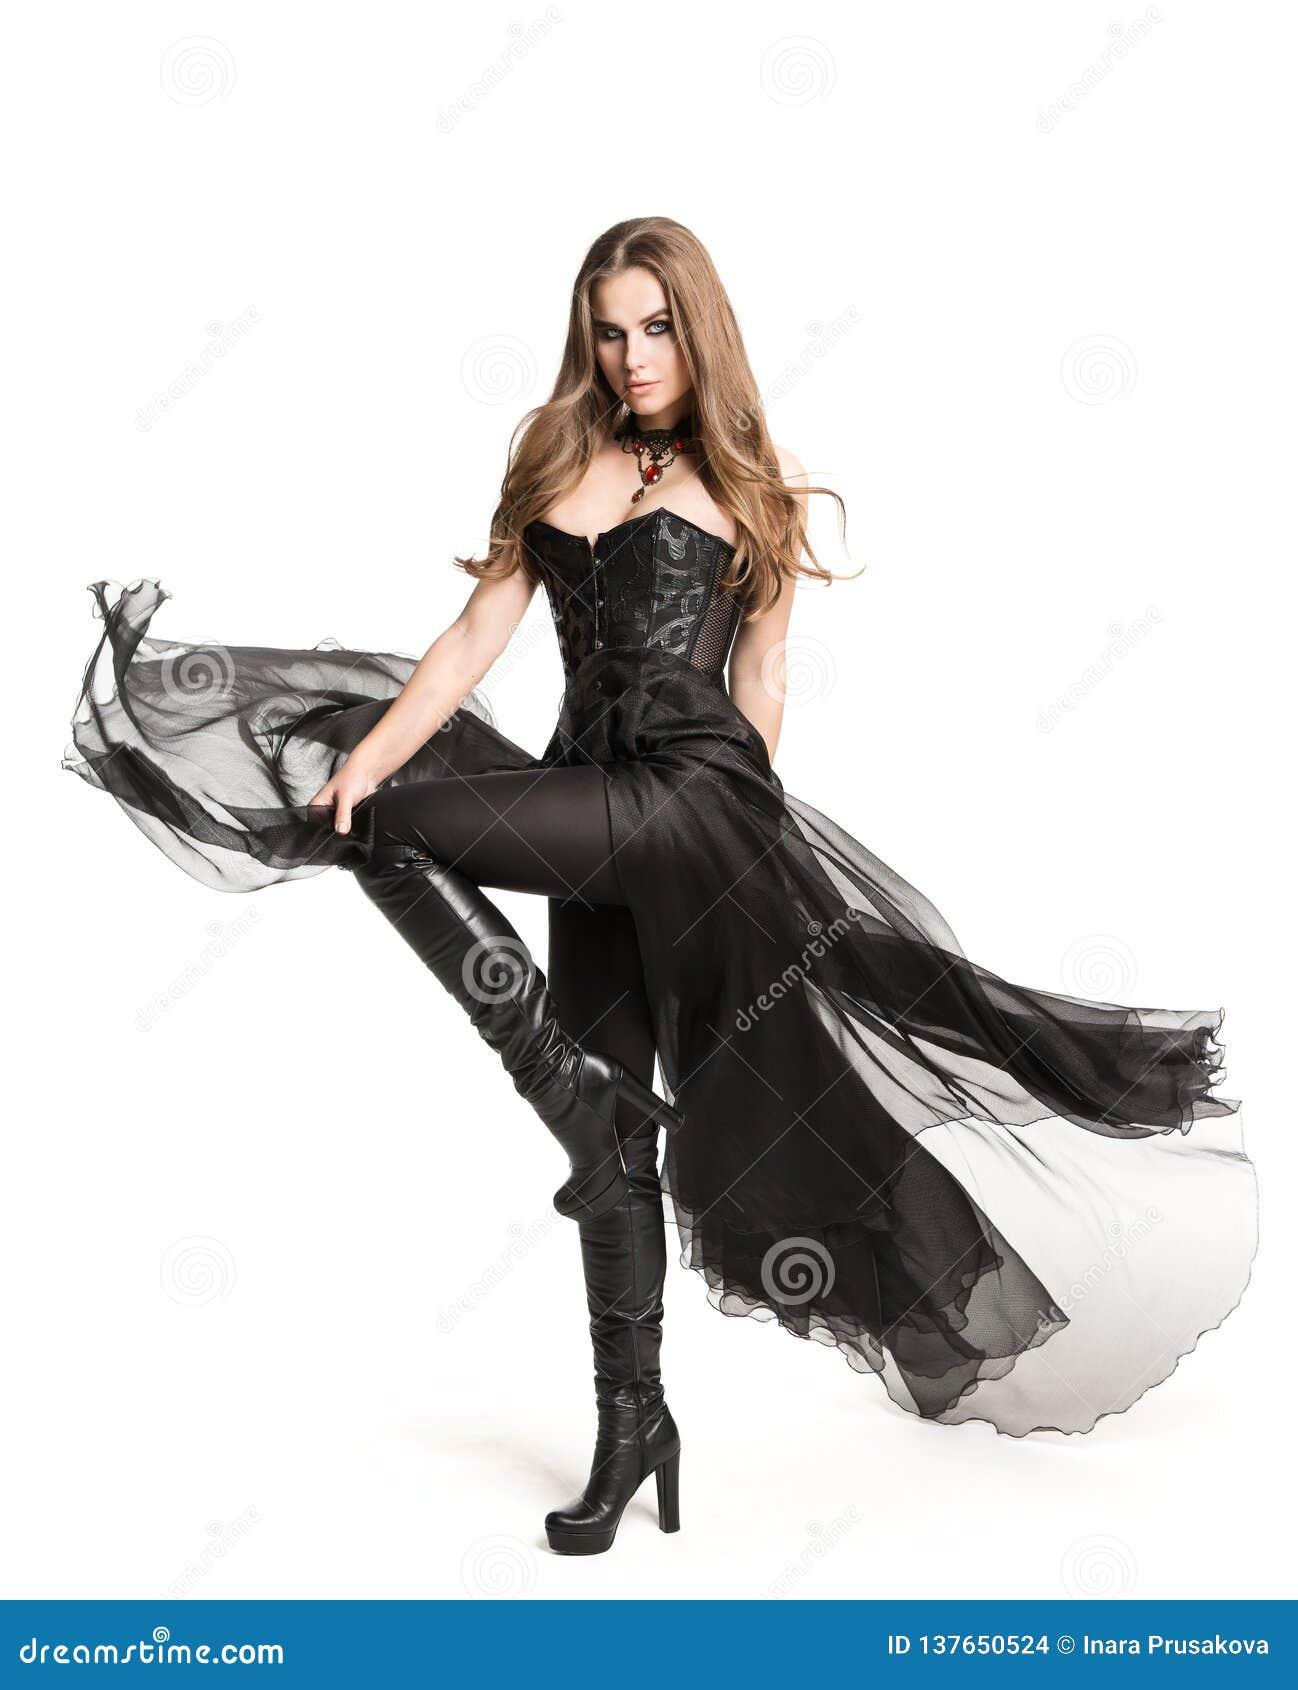 Botas de cuero de Black Corset Dress del modelo de moda, mujer hermosa en el vestido gótico, blanco